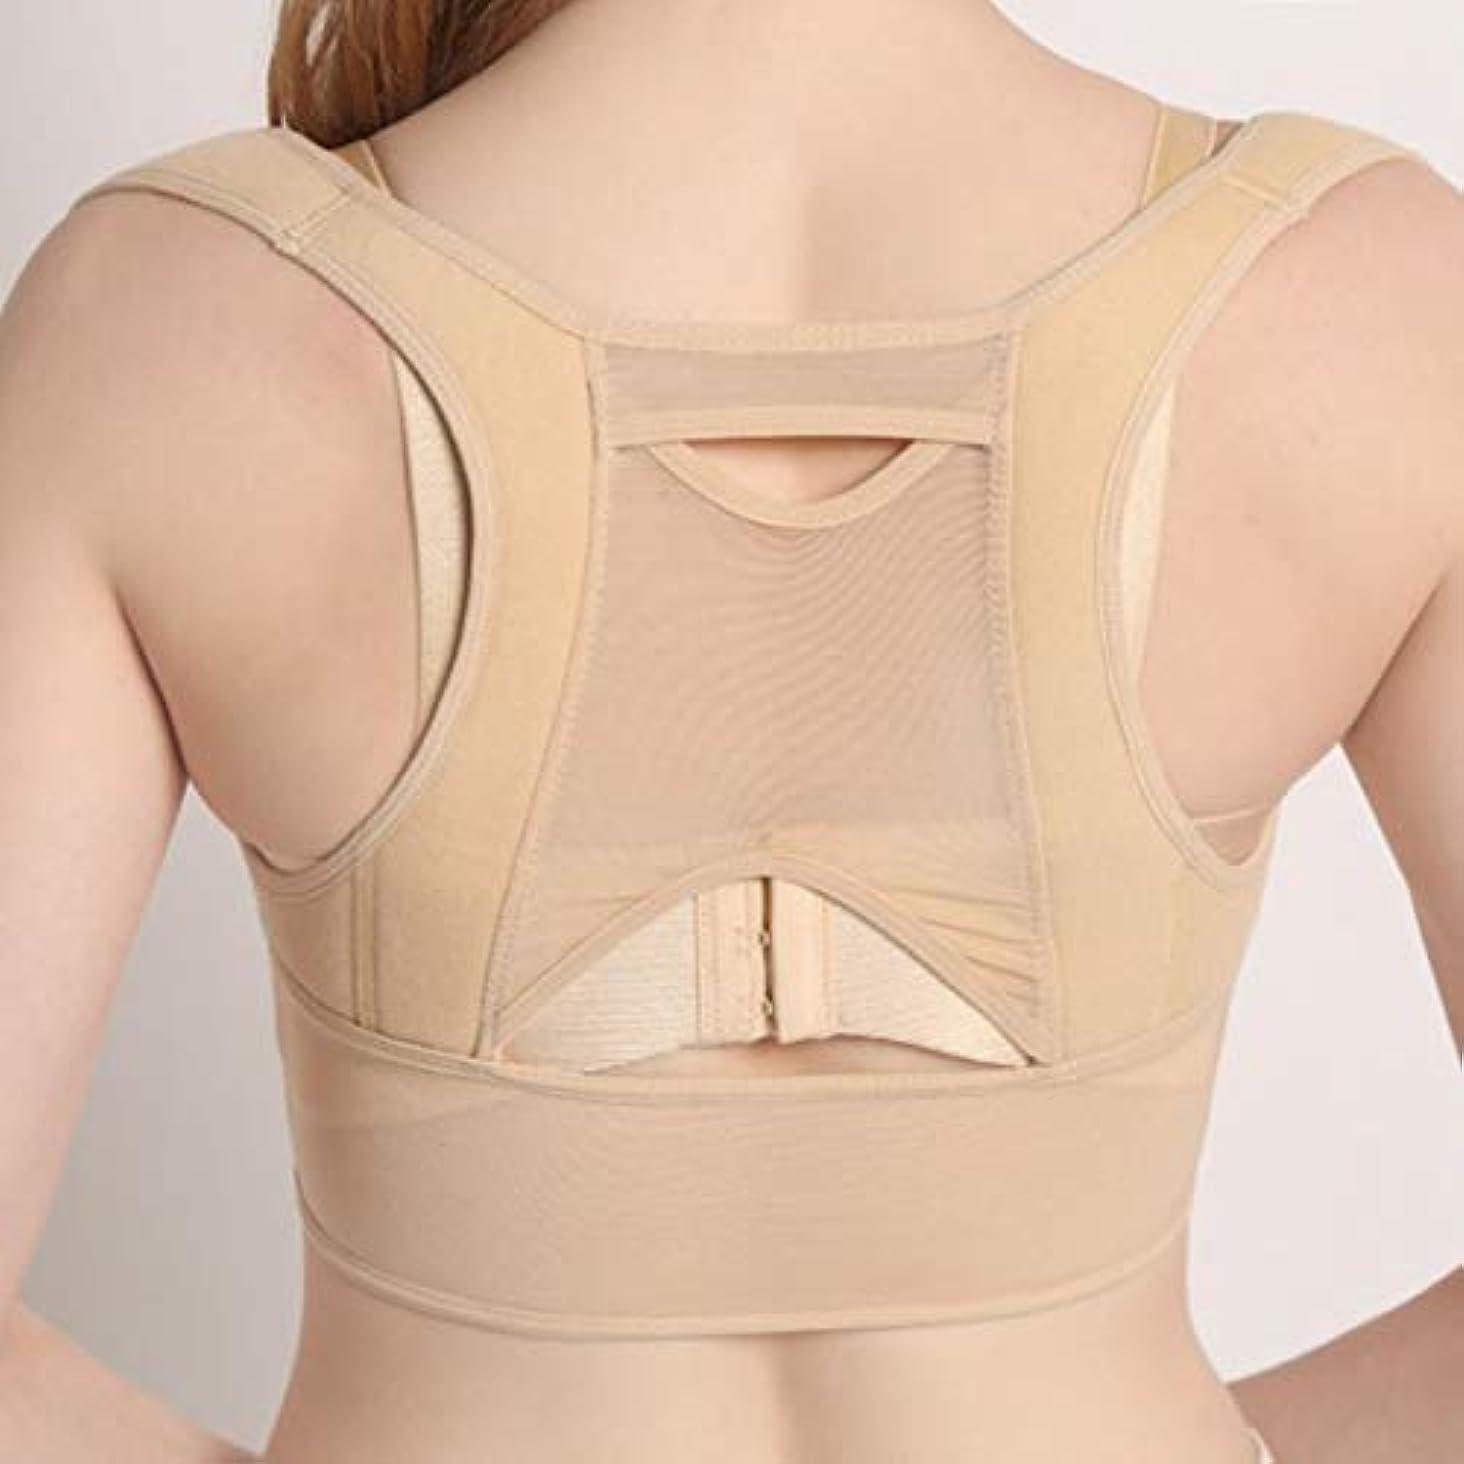 購入代数的インターコアリーボディーコレクション 女性背部姿勢矯正コルセット整形外科肩こり脊椎姿勢矯正腰椎サポート